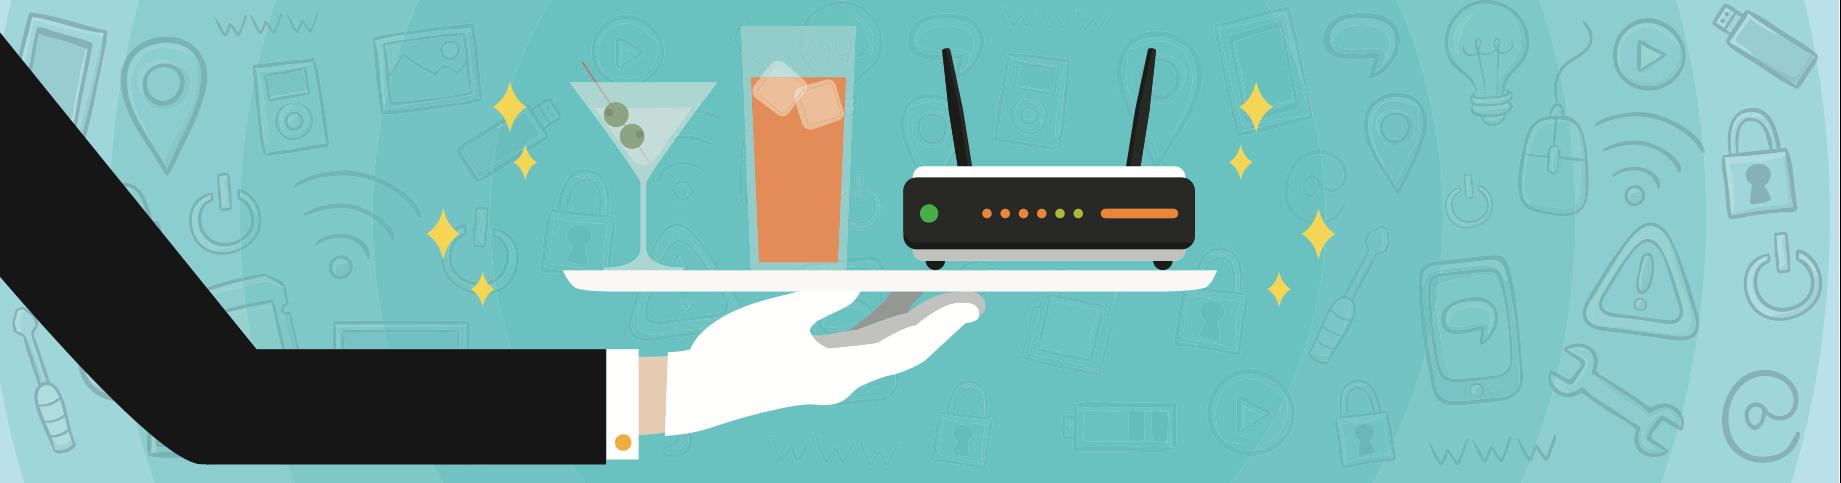 Tecnologias restaurantes